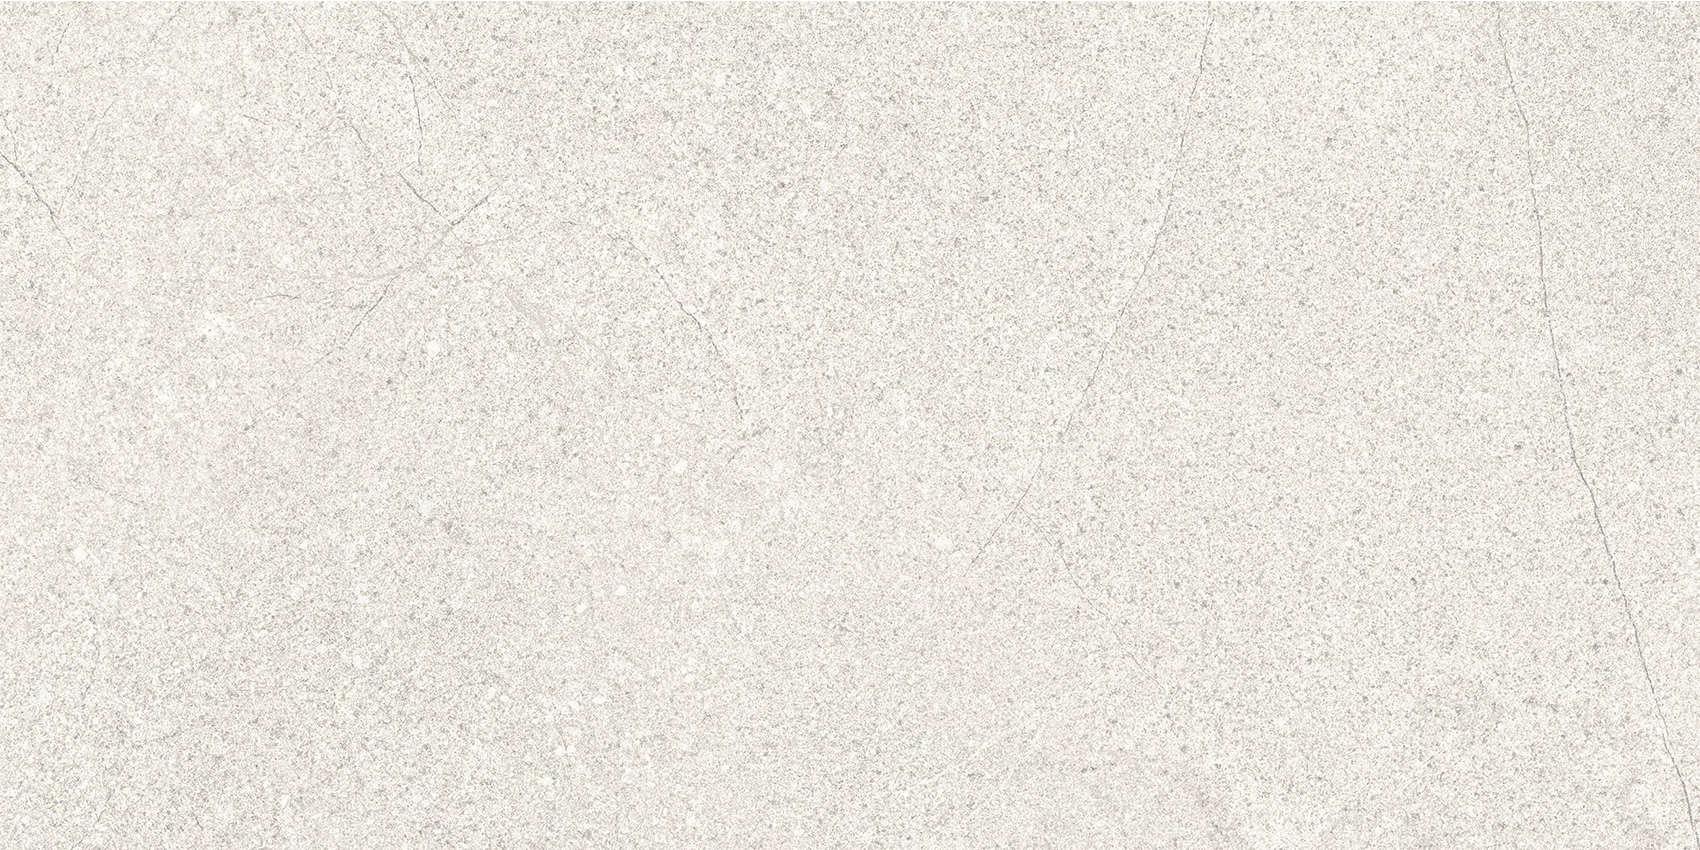 Faianță pentru baie Benadresa Crowne Perla 316x632 mată gri / 7